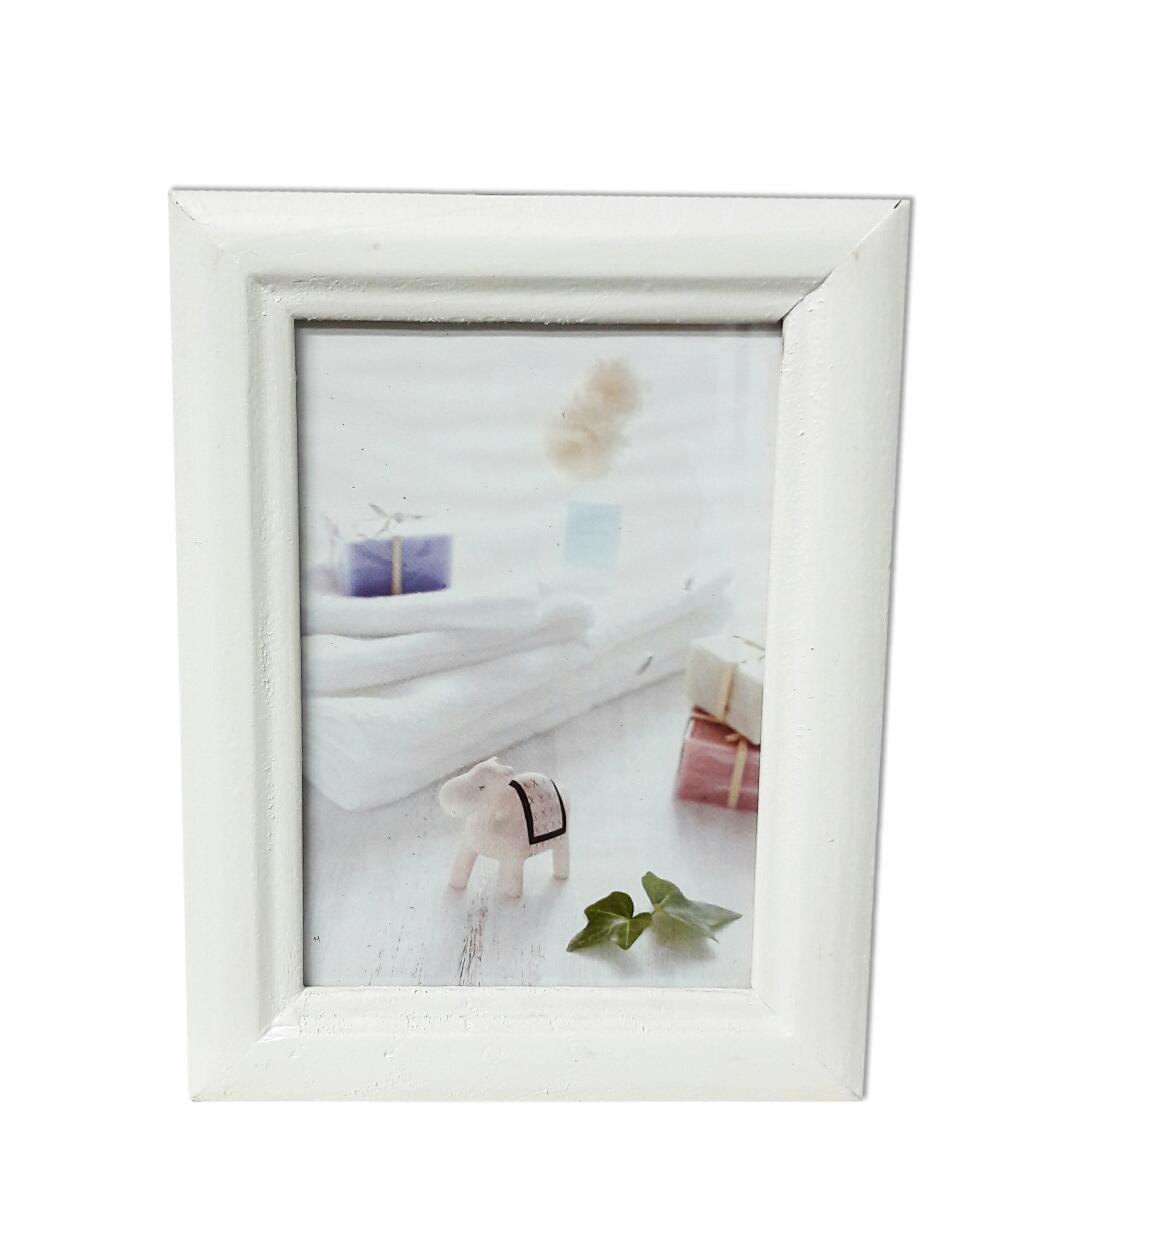 מסגרת עץ לבנה קטנה